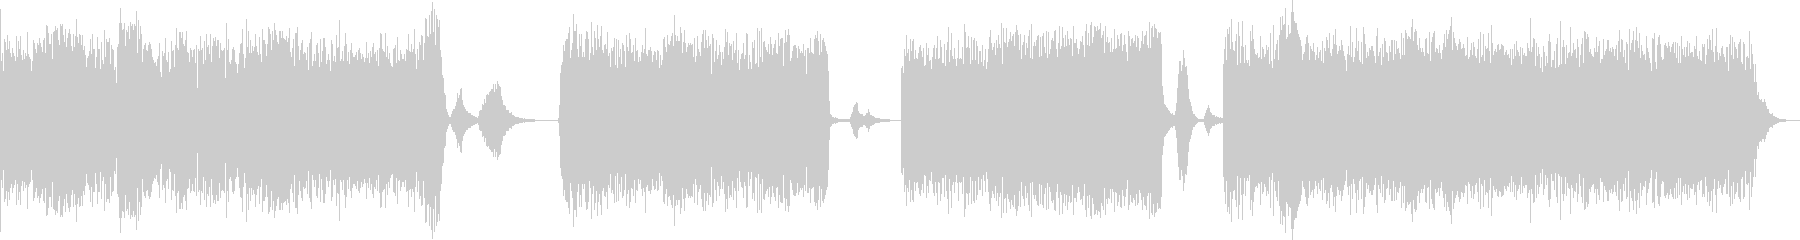 ドローン アンビエント クラブミュージ…の未再生の波形